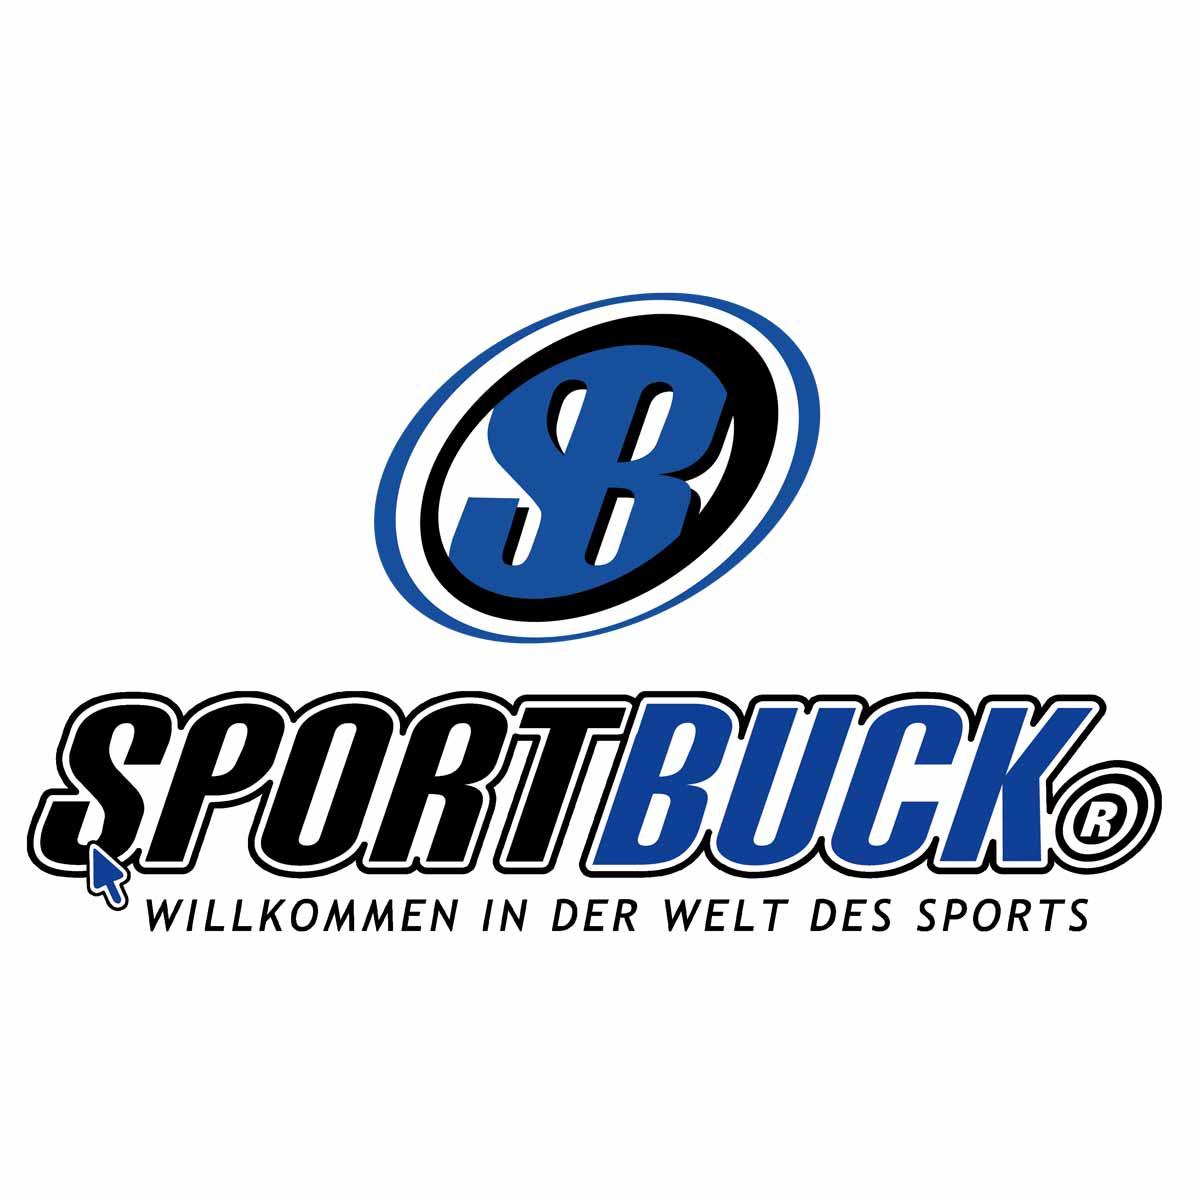 Gürtel Logo Belt